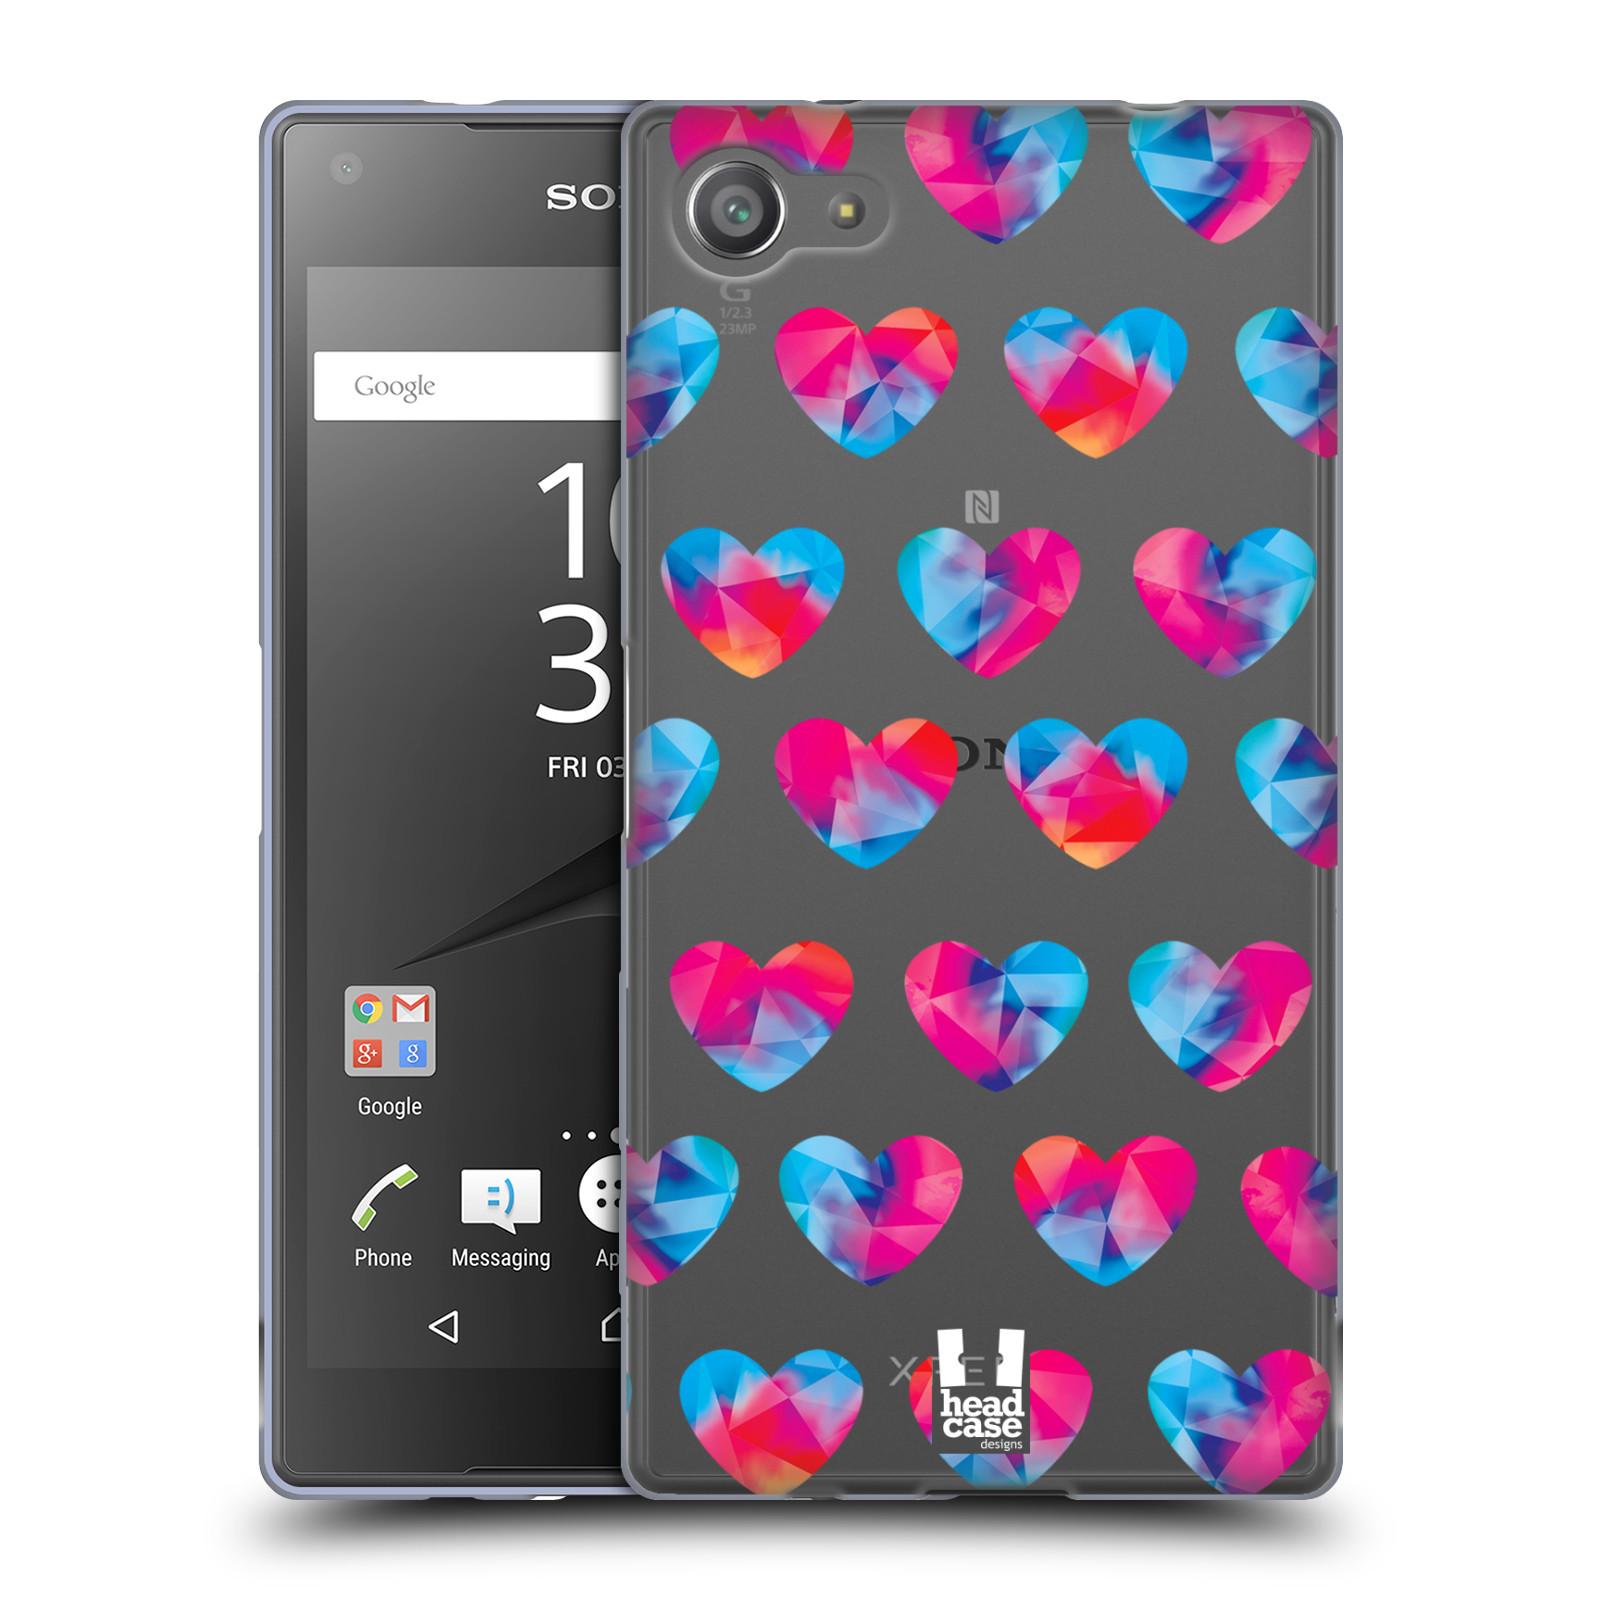 Silikonové pouzdro na mobil Sony Xperia Z5 Compact - Head Case - Srdíčka hrající barvami